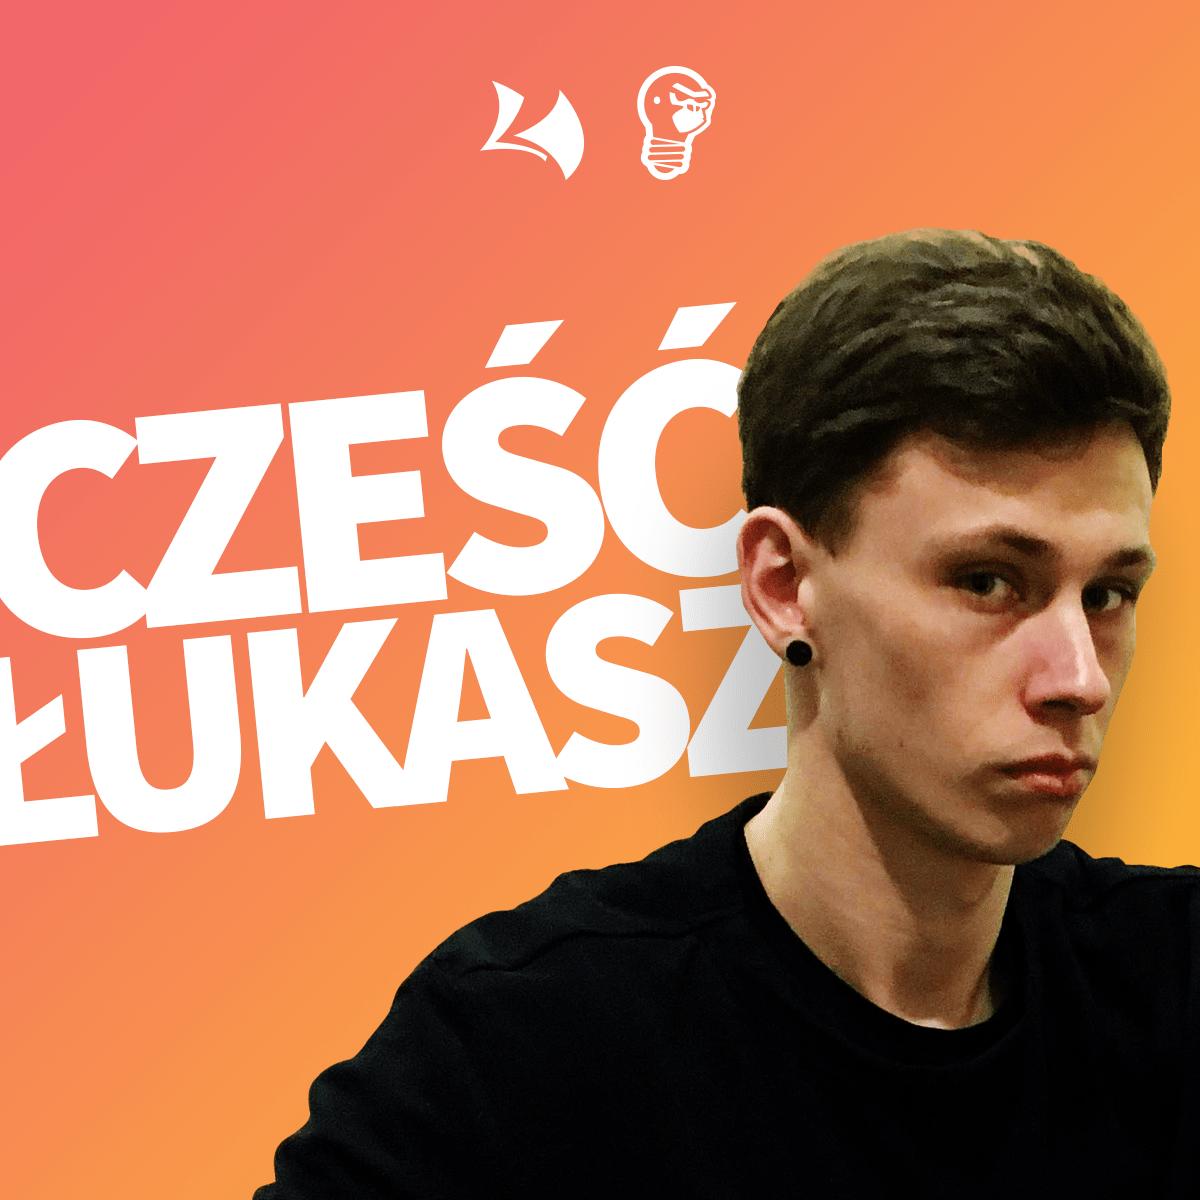 Łukasz Tomaszewki